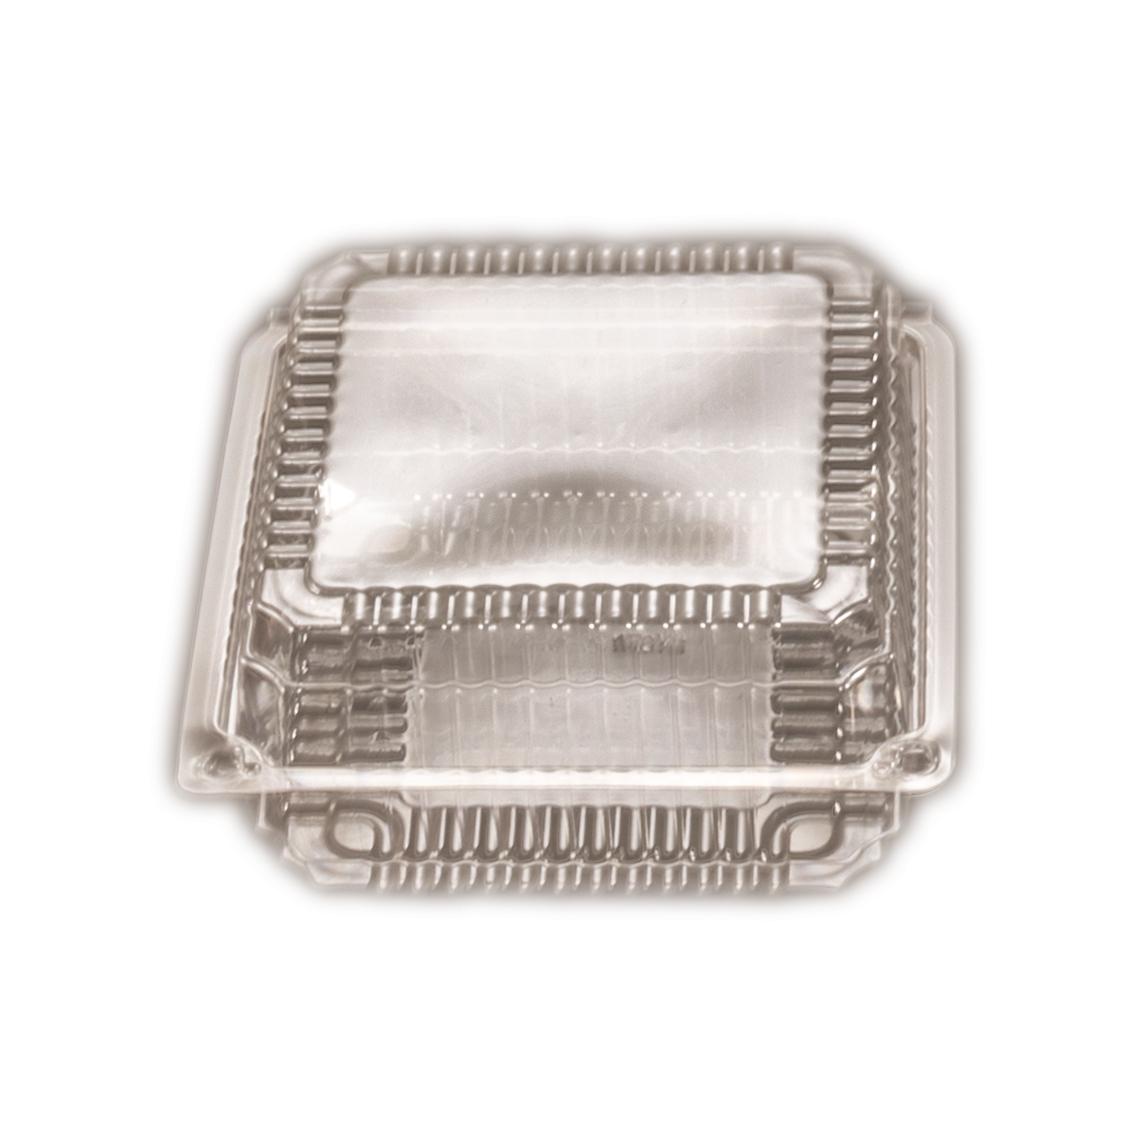 iK-CL3      CLAM JUMBO    148 x 294 x 40mm 100 per slv 300 per carton